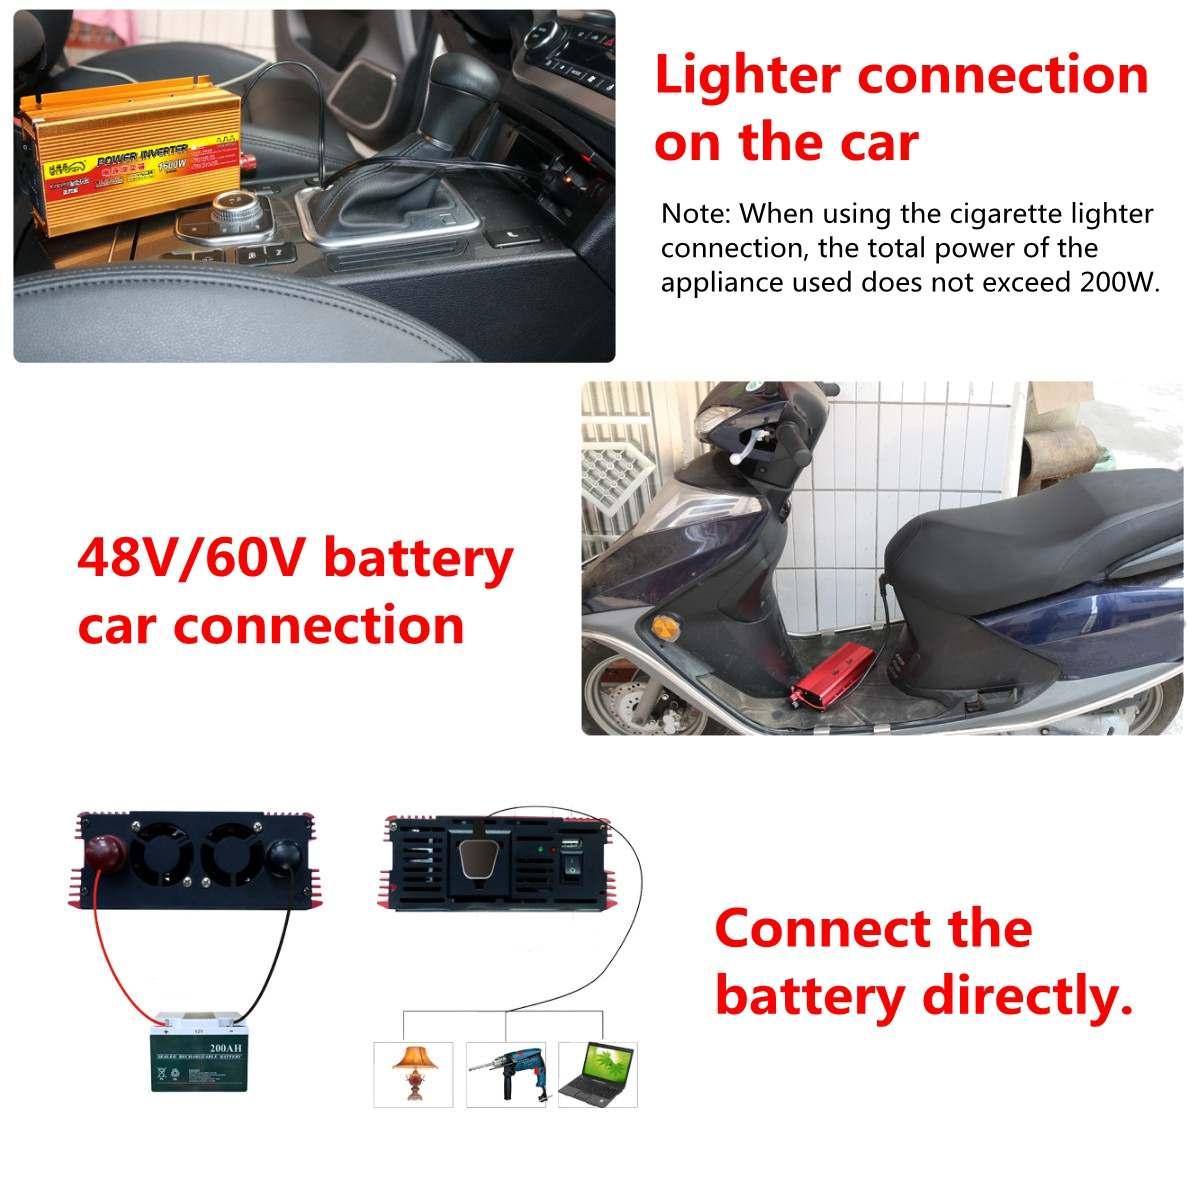 1500W Pure Sine Wave Inverter DC12V/24V/48V To AC220V 50HZ Power Converter Booster For Car Inverter Household DIY 19